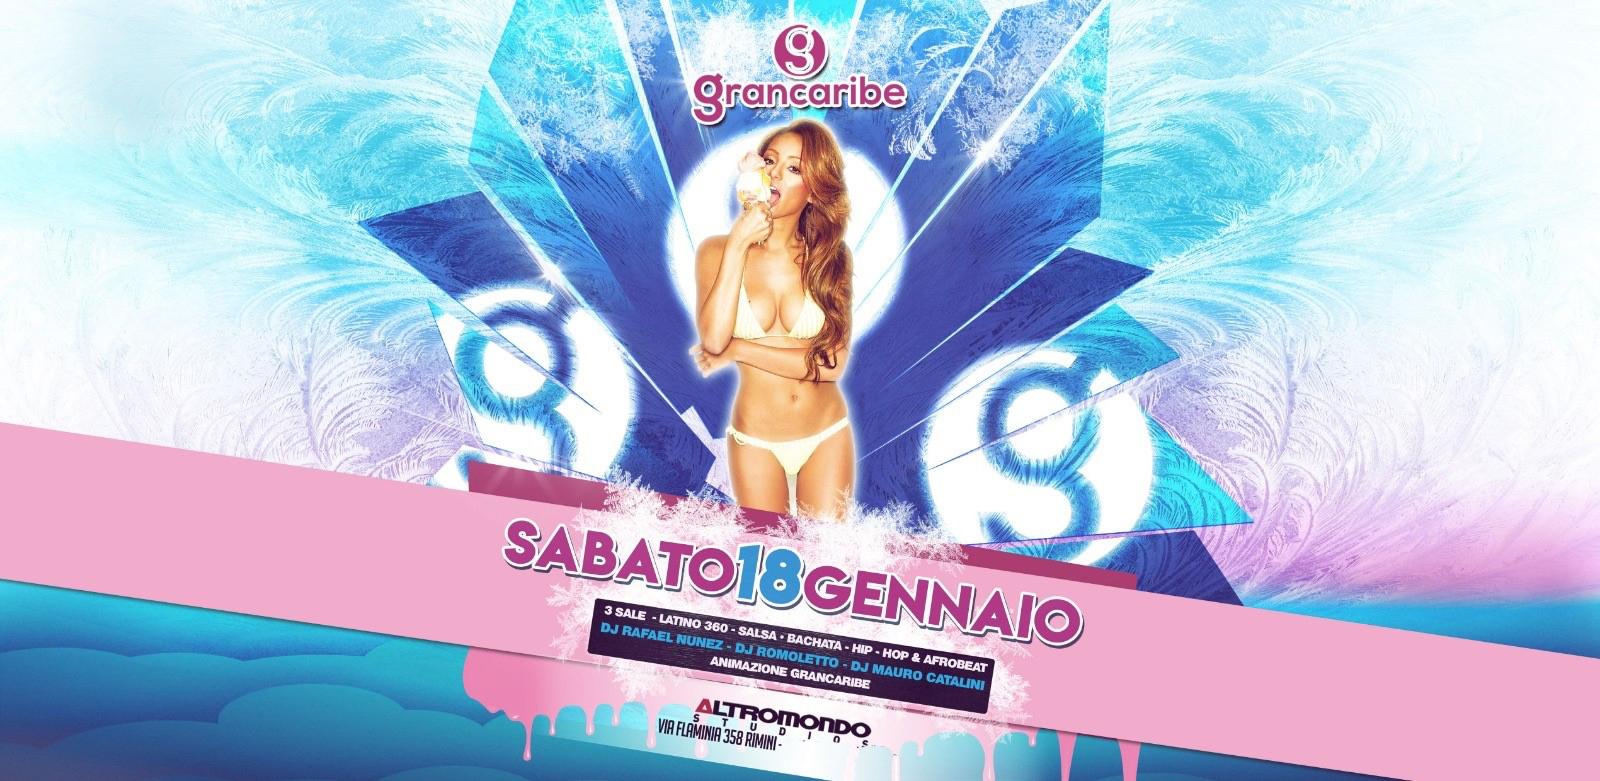 Grancaribe Altromondo Studios Rimini Sabato 18 01 2020 SIGEP RIMINI Ticket – Biglietti 18app – Tavoli e  Pacchetti Hotel